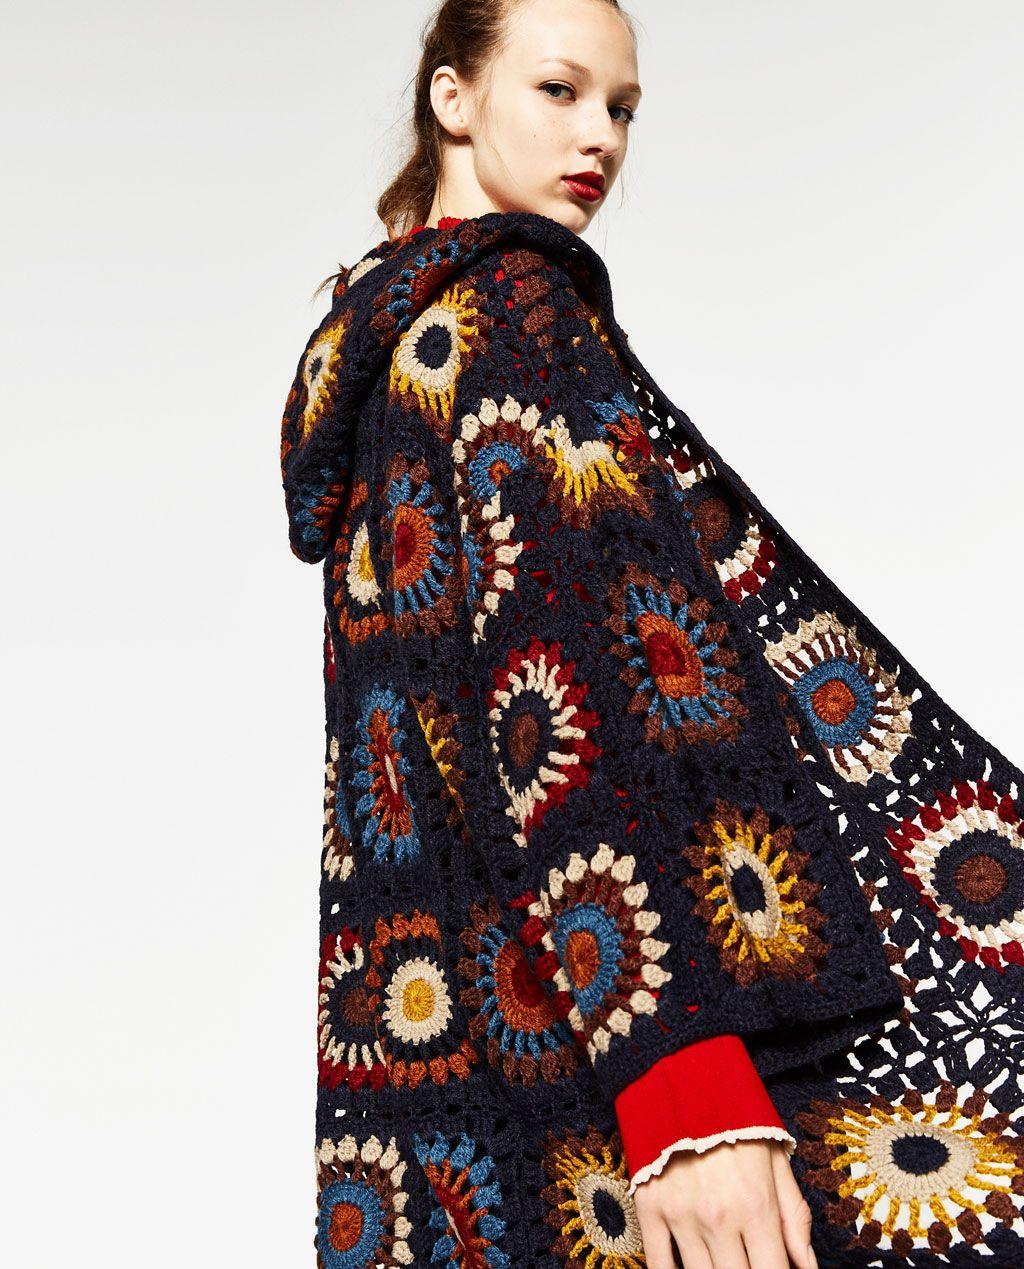 Edición Mujer Capucha Crochet Con Limitada Zara Abrigo w7xqBCFHw